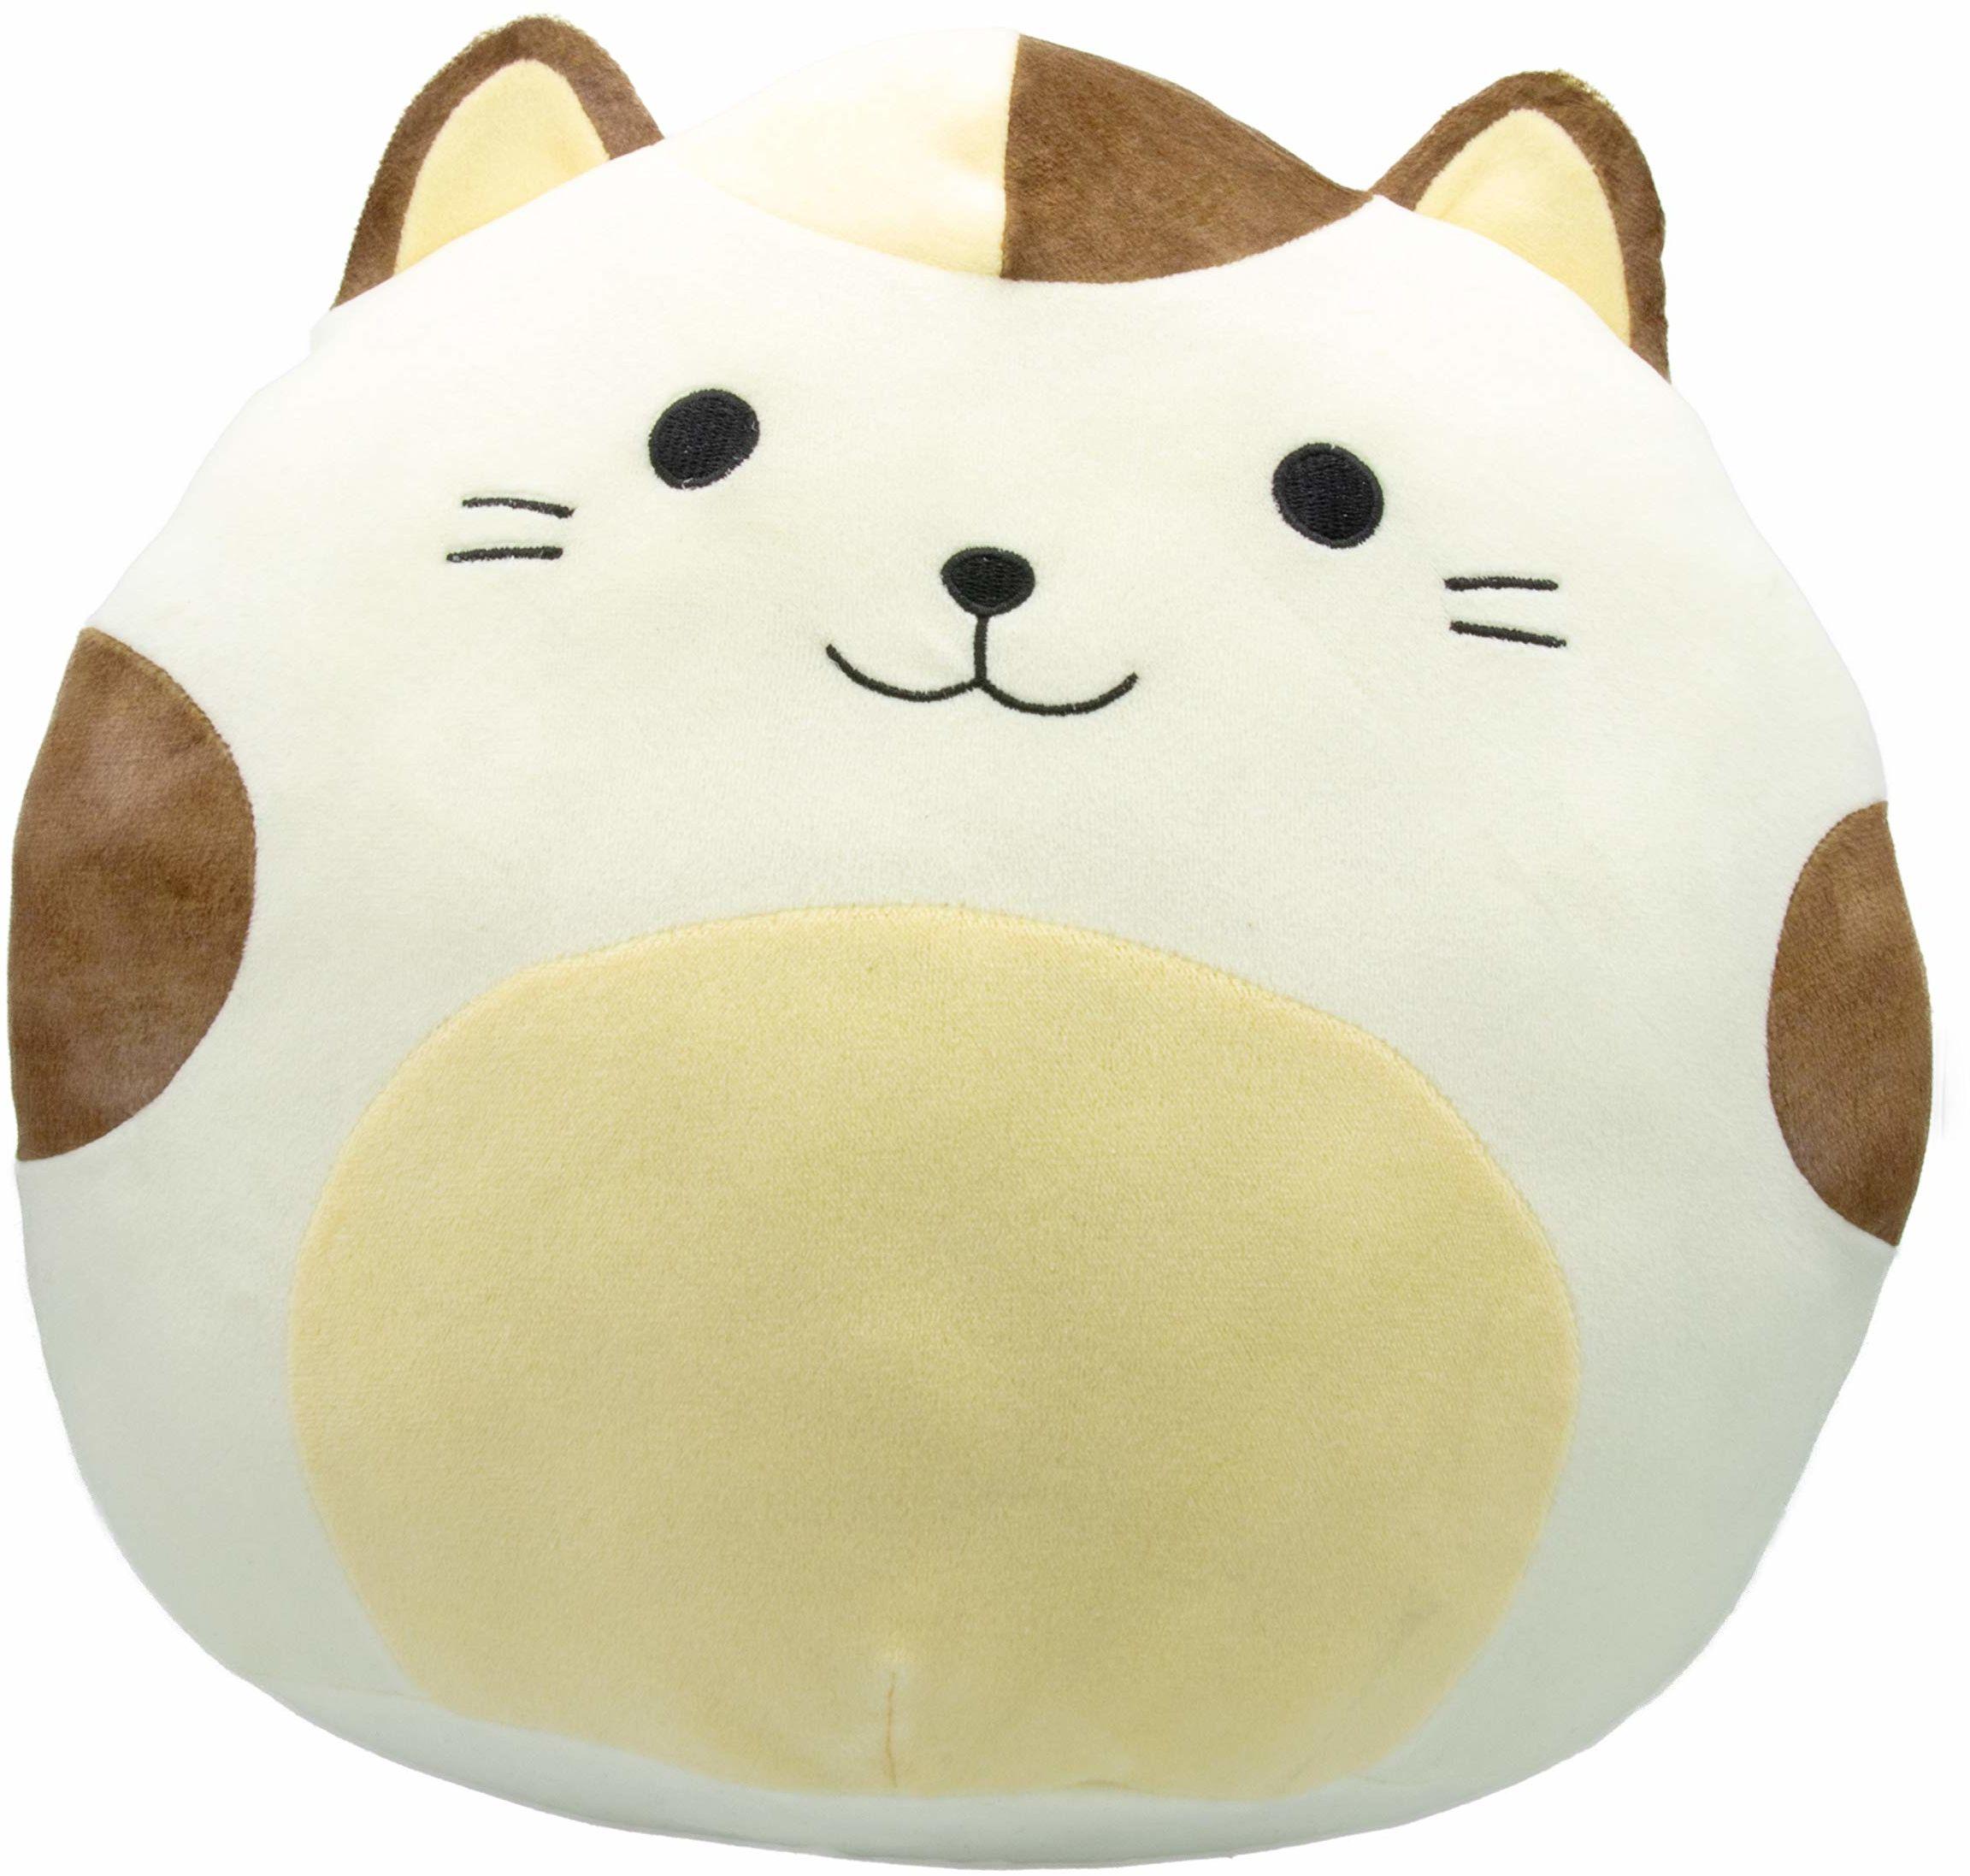 Joy Toy 20495 kot super miękki spandex pluszowy 30 cm, kolorowy